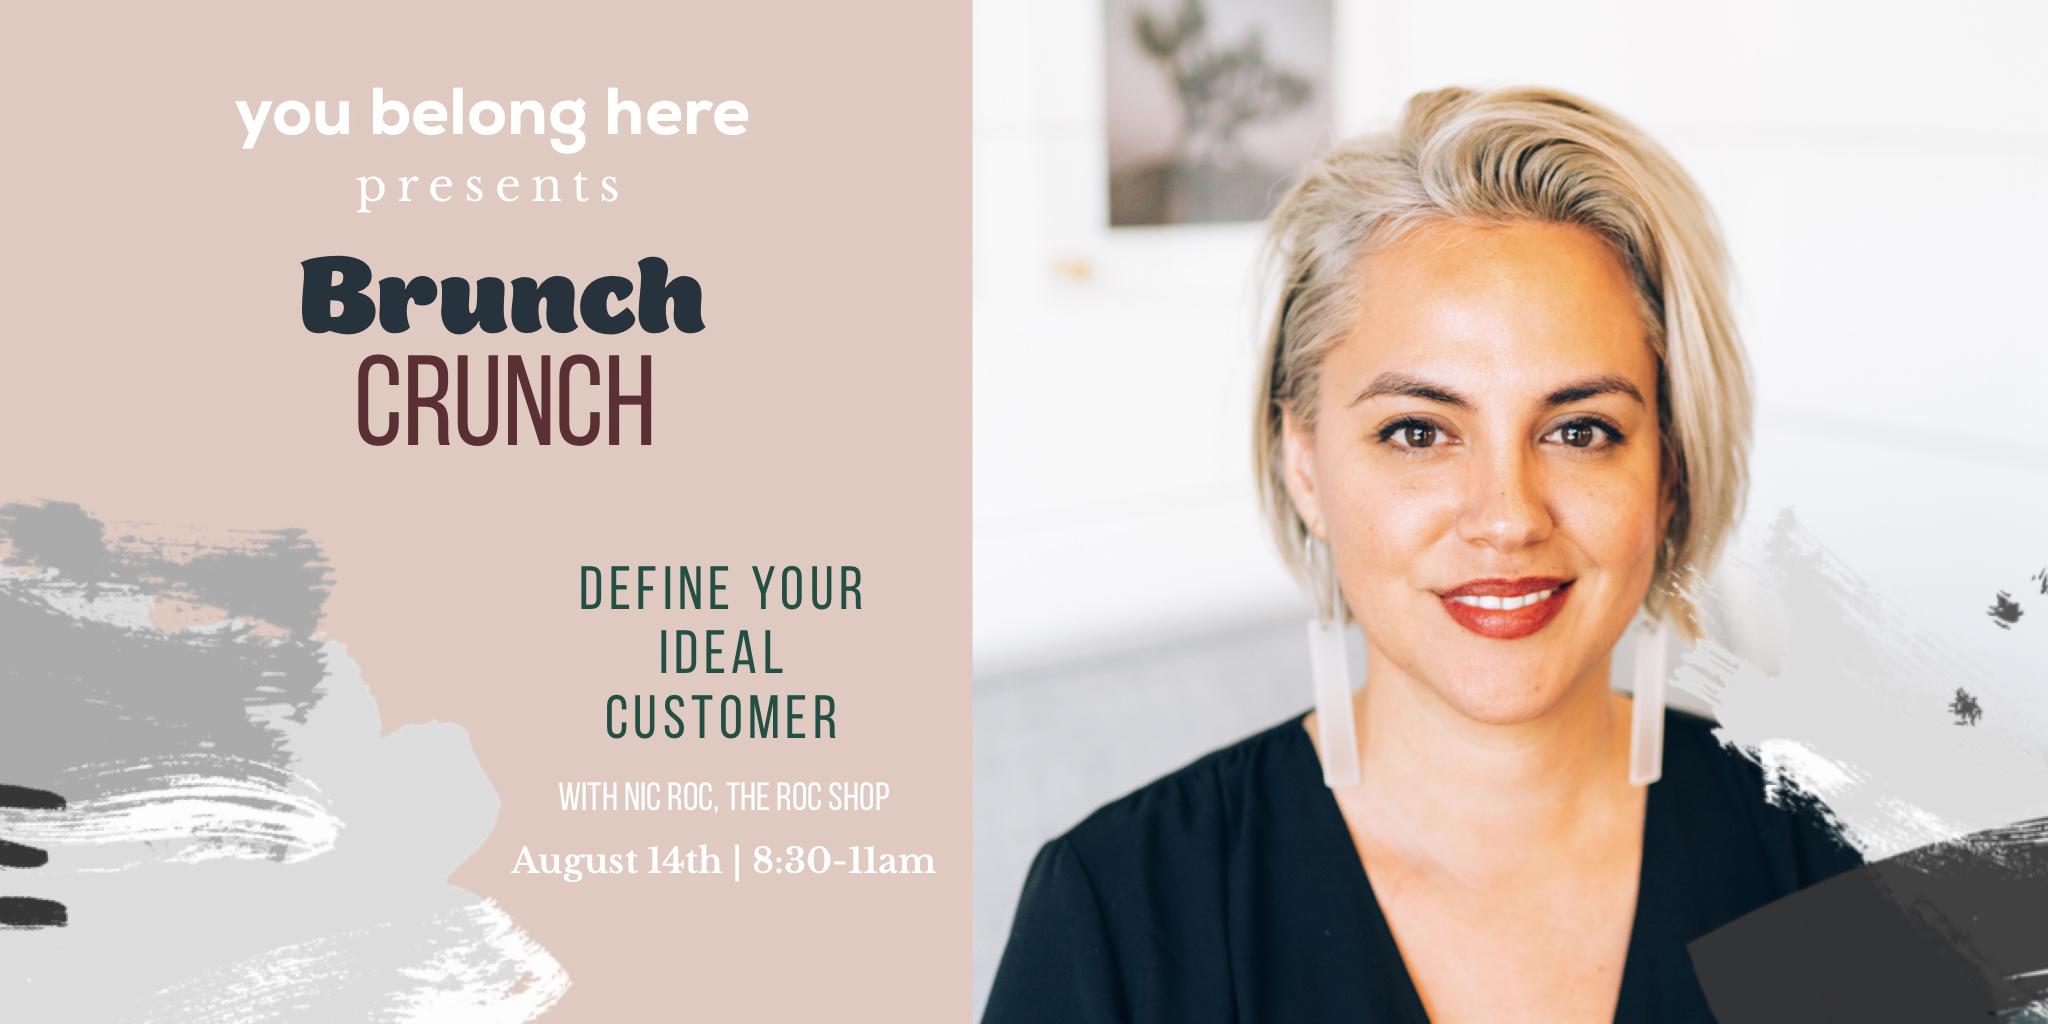 Nic_Brunch-Crunch2.jpeg